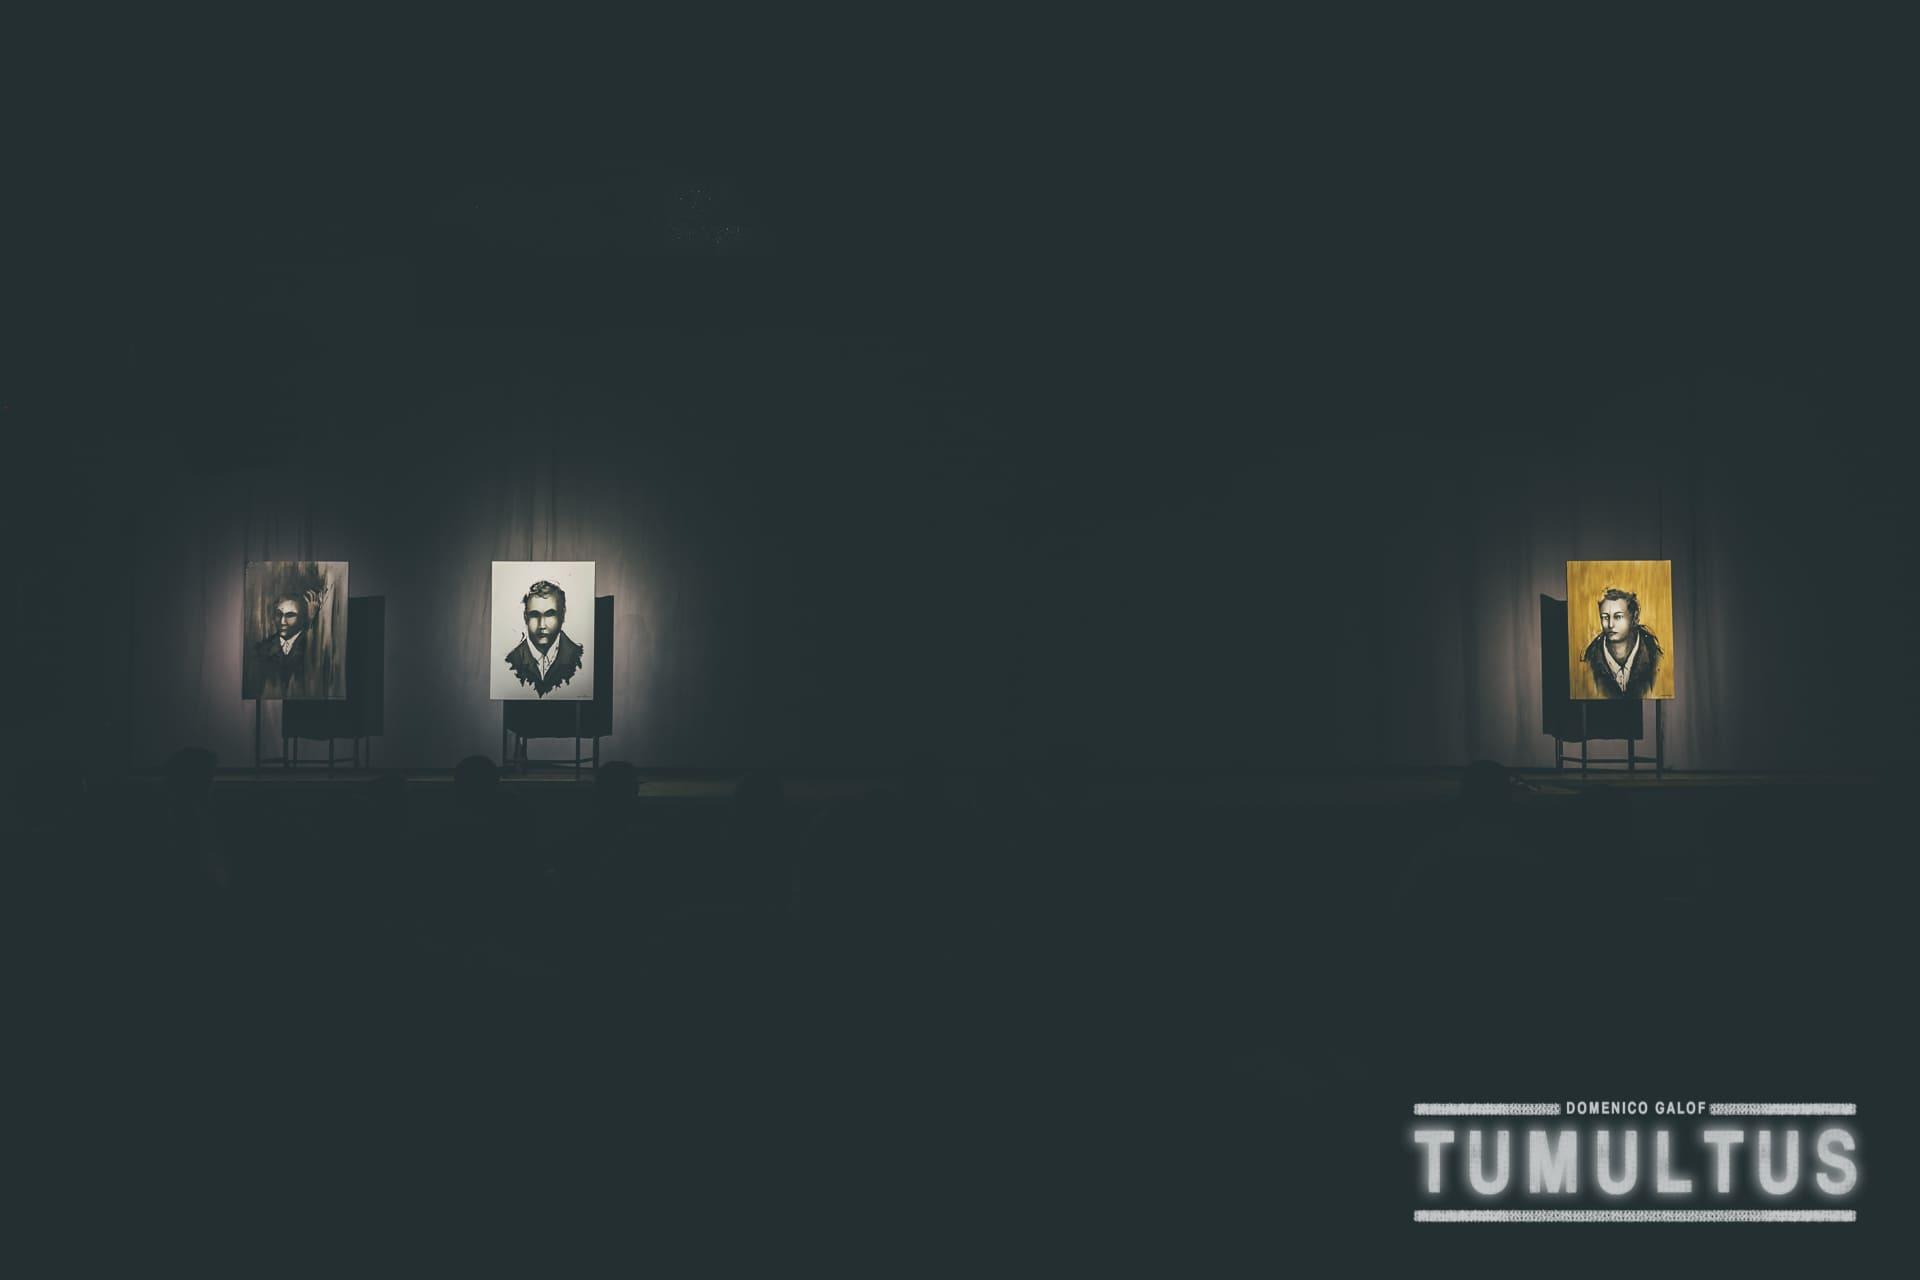 L'Origine di Tumultus (38)